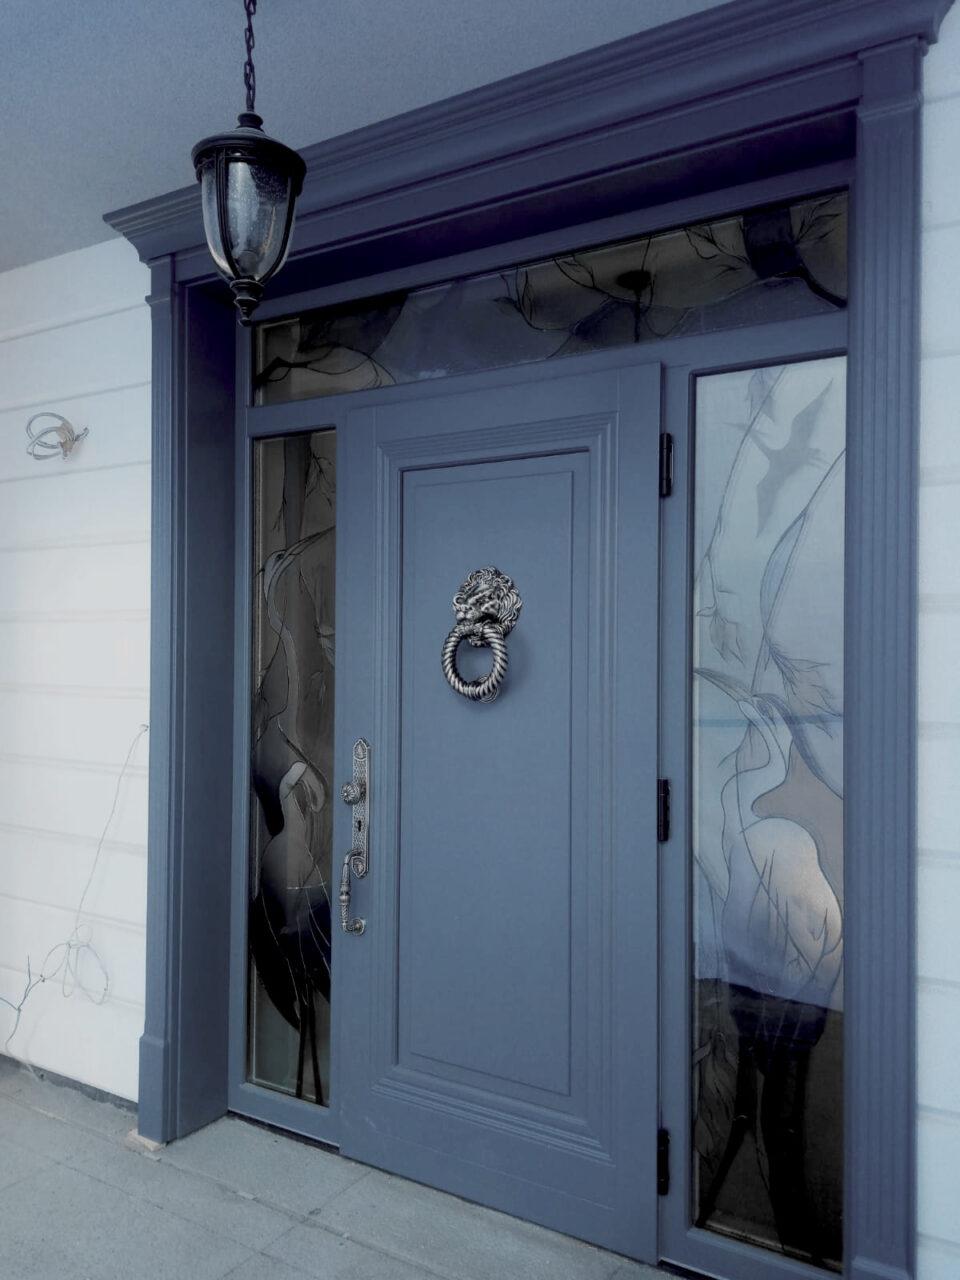 Producent Drzwi Drewnianych Na Wymiar Lizurej Galeria Zewnętrzne 65